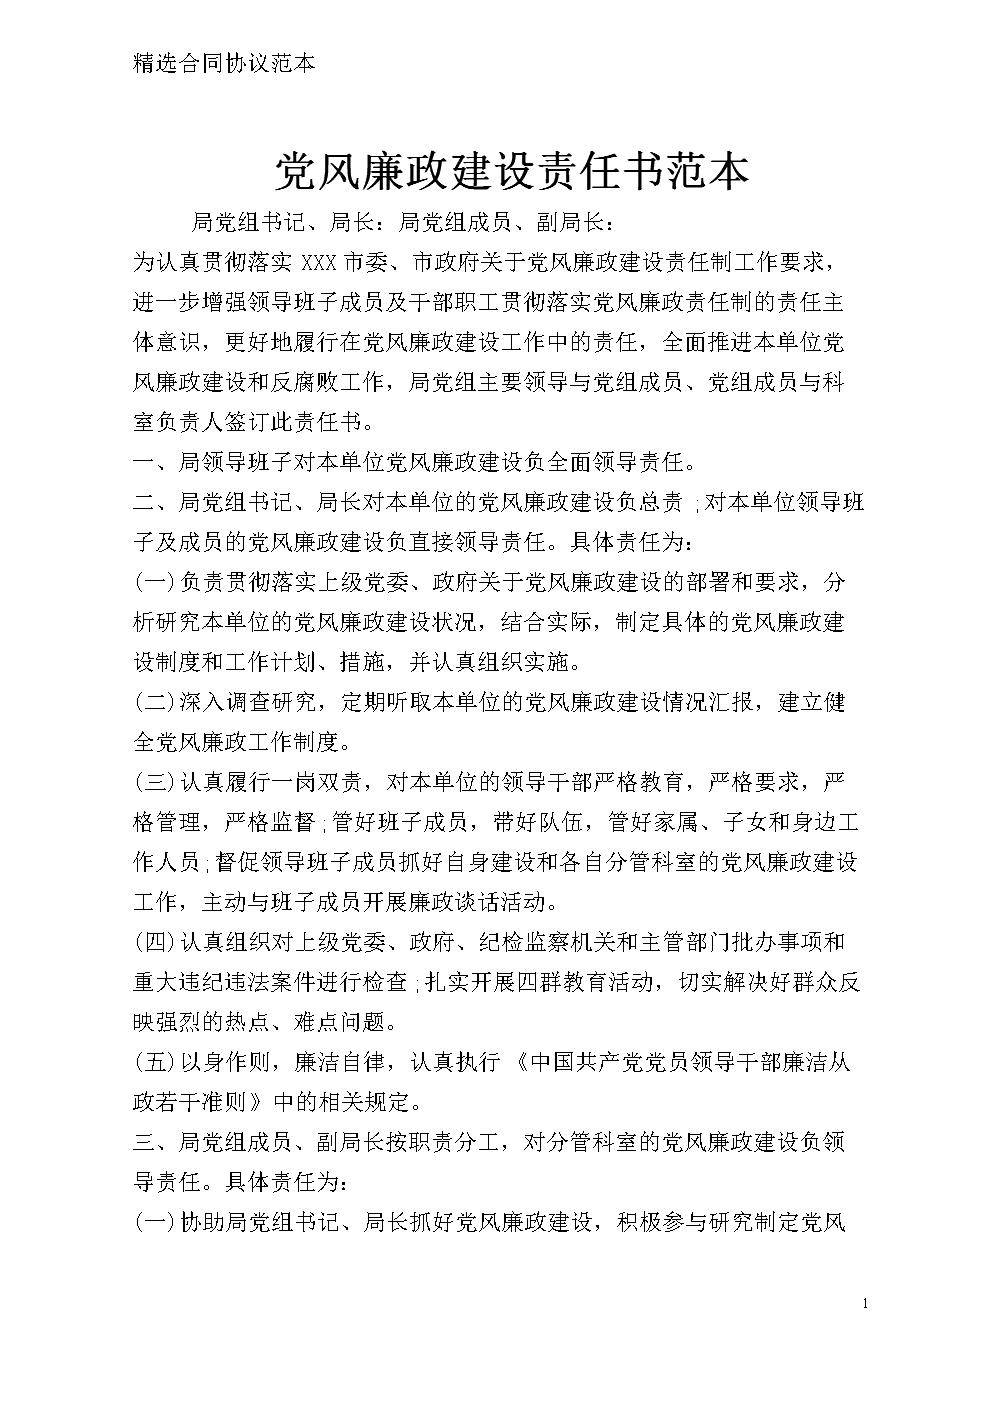 党风廉政建设责任书样本模板.doc